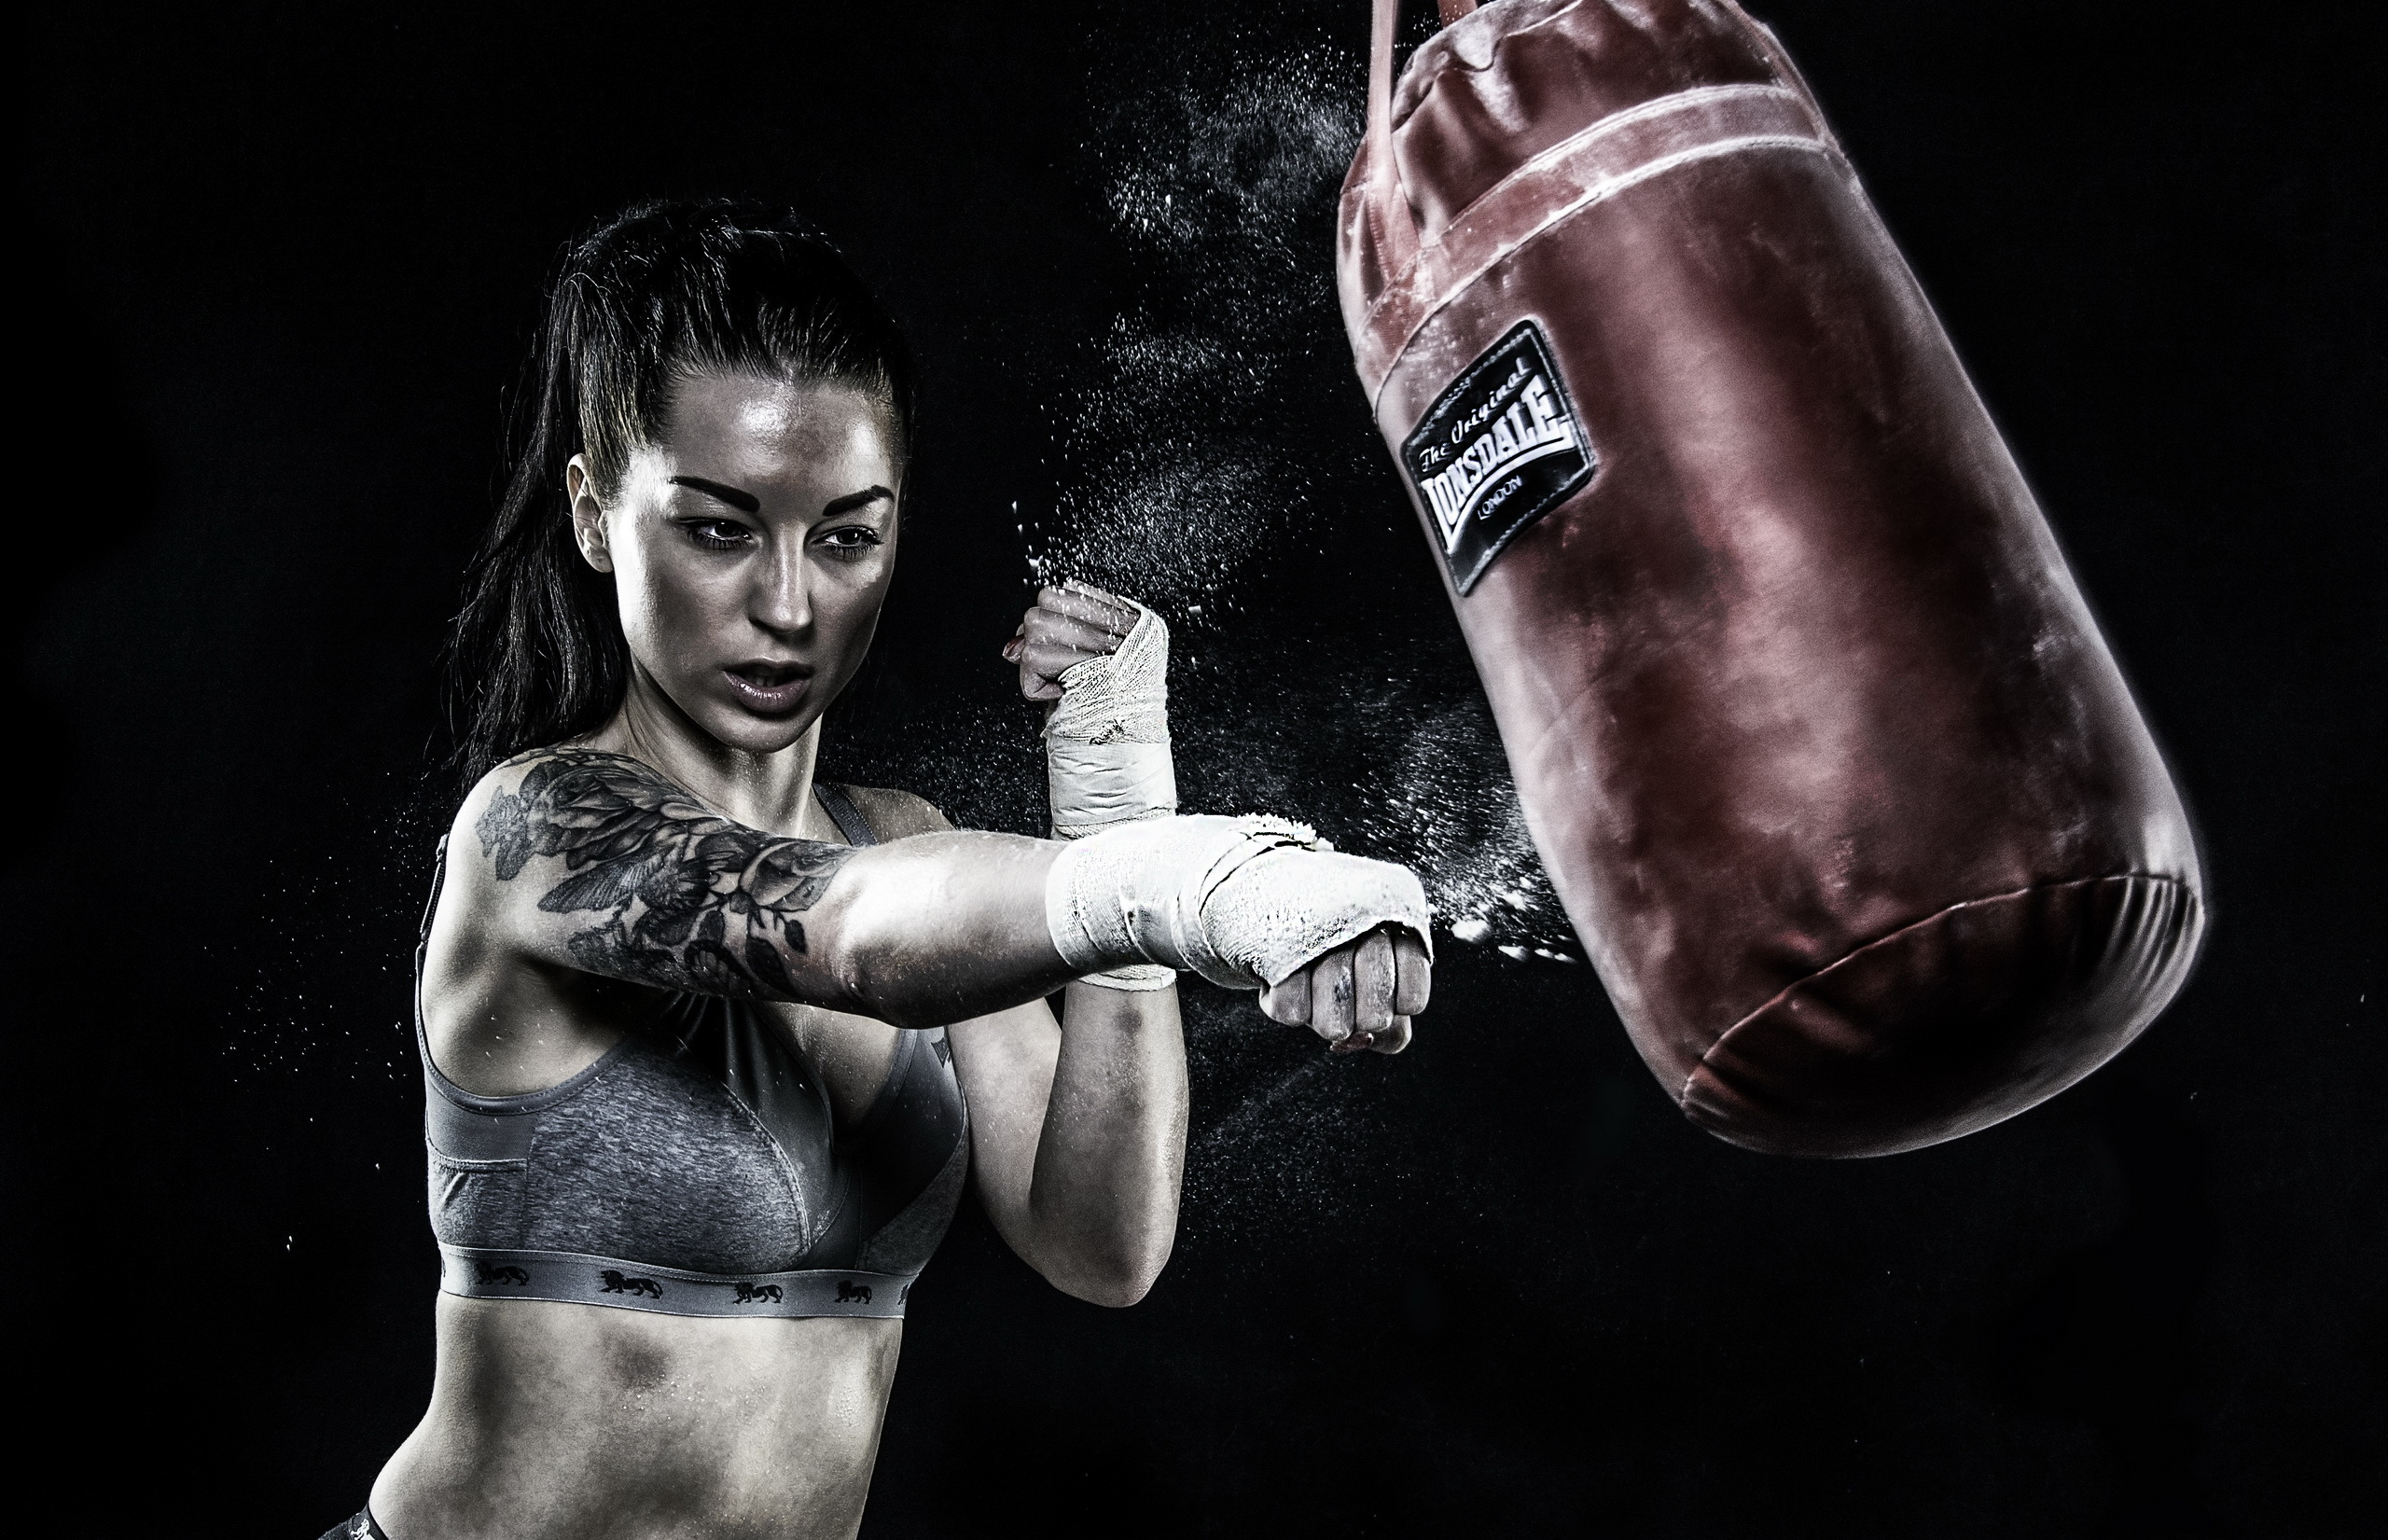 Kickboxing wallpaper women